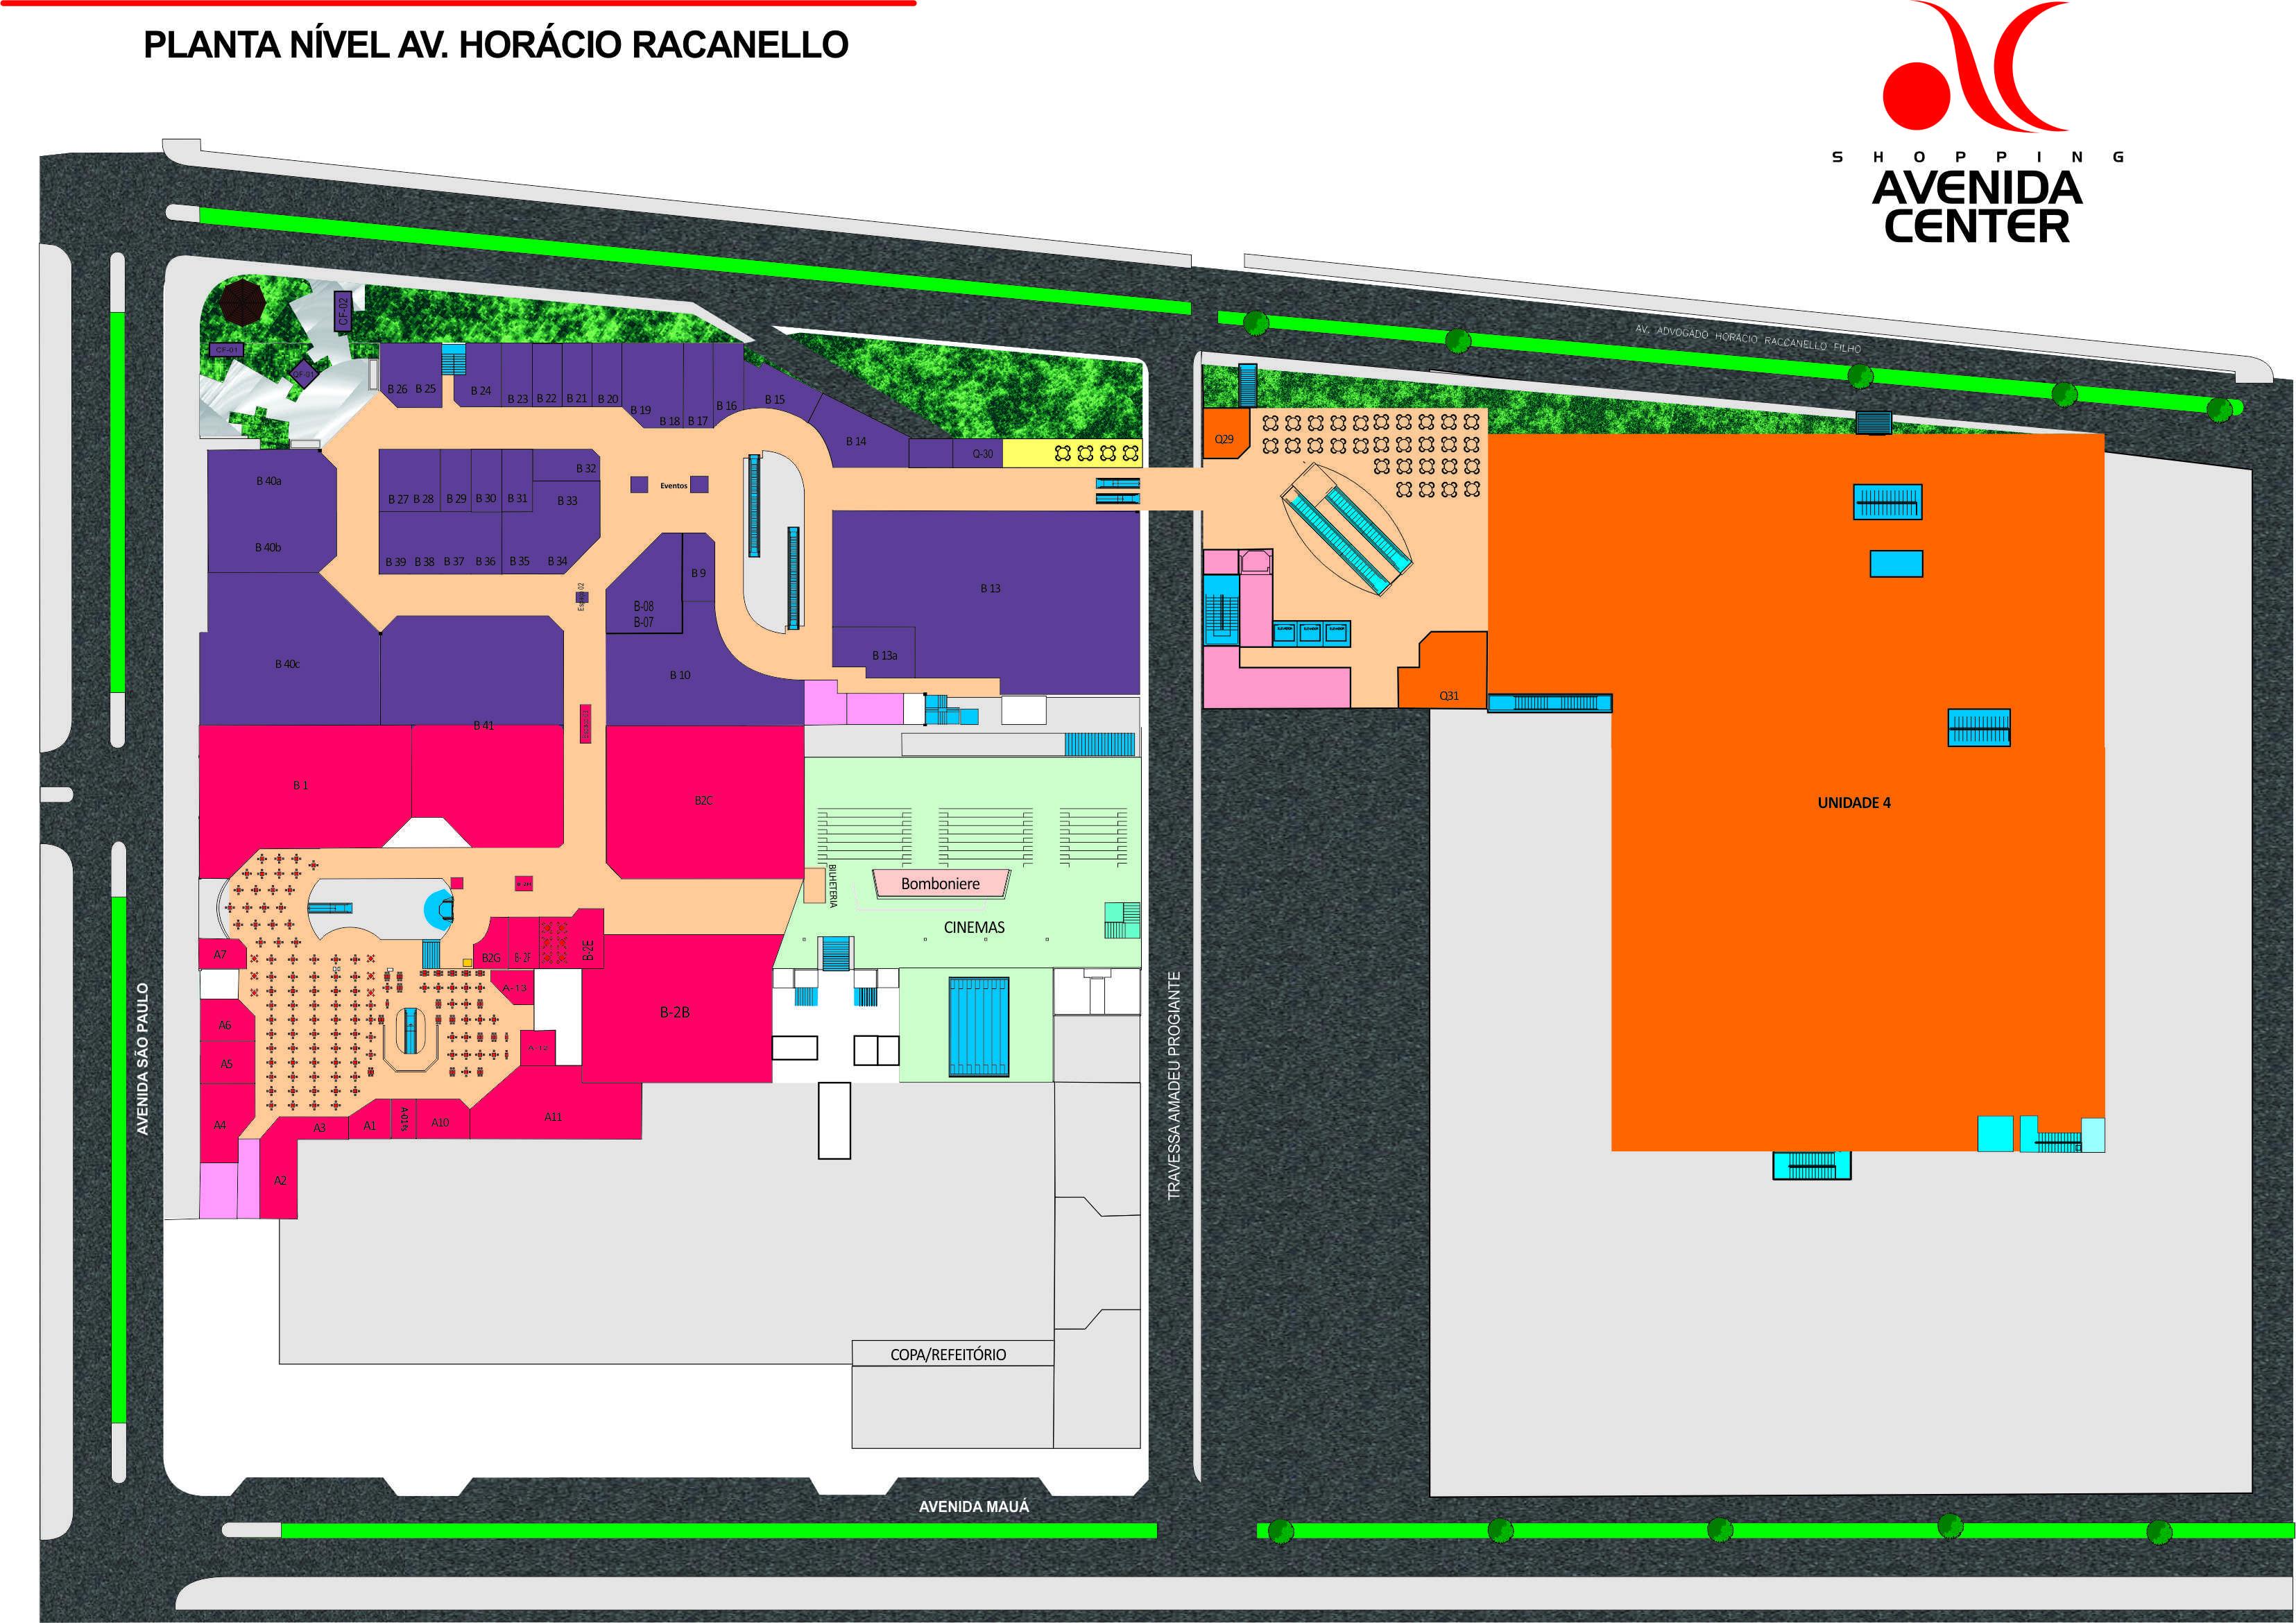 Mapa do shopping - localização, CIA BROTHER S